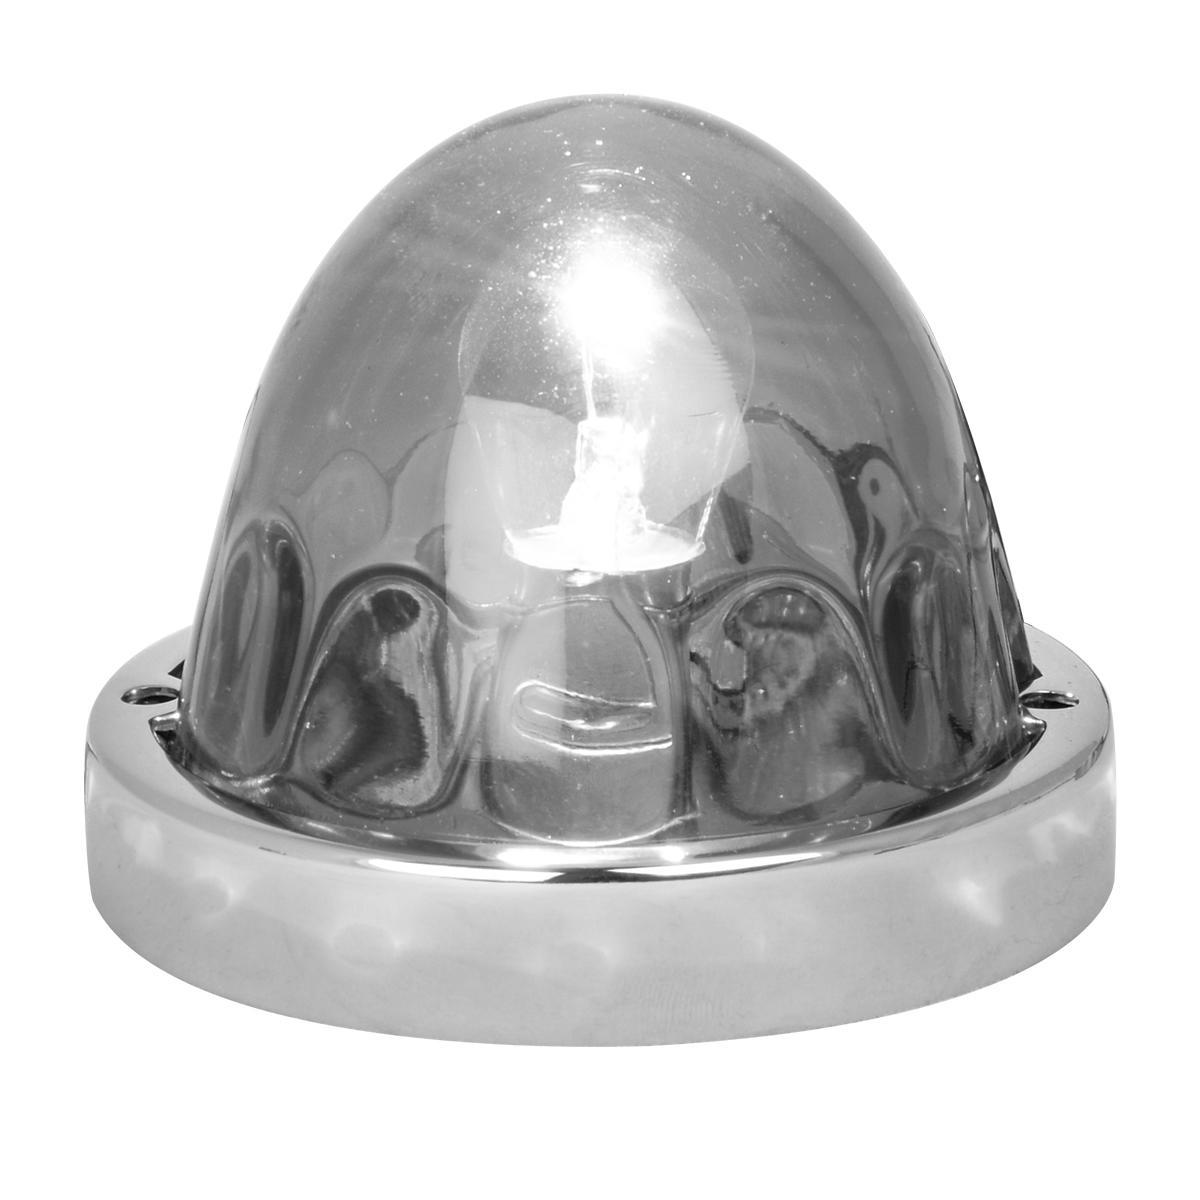 GG Grand General 81310 Rectangular Clear Glass Lens Kit for Cab Marker Light